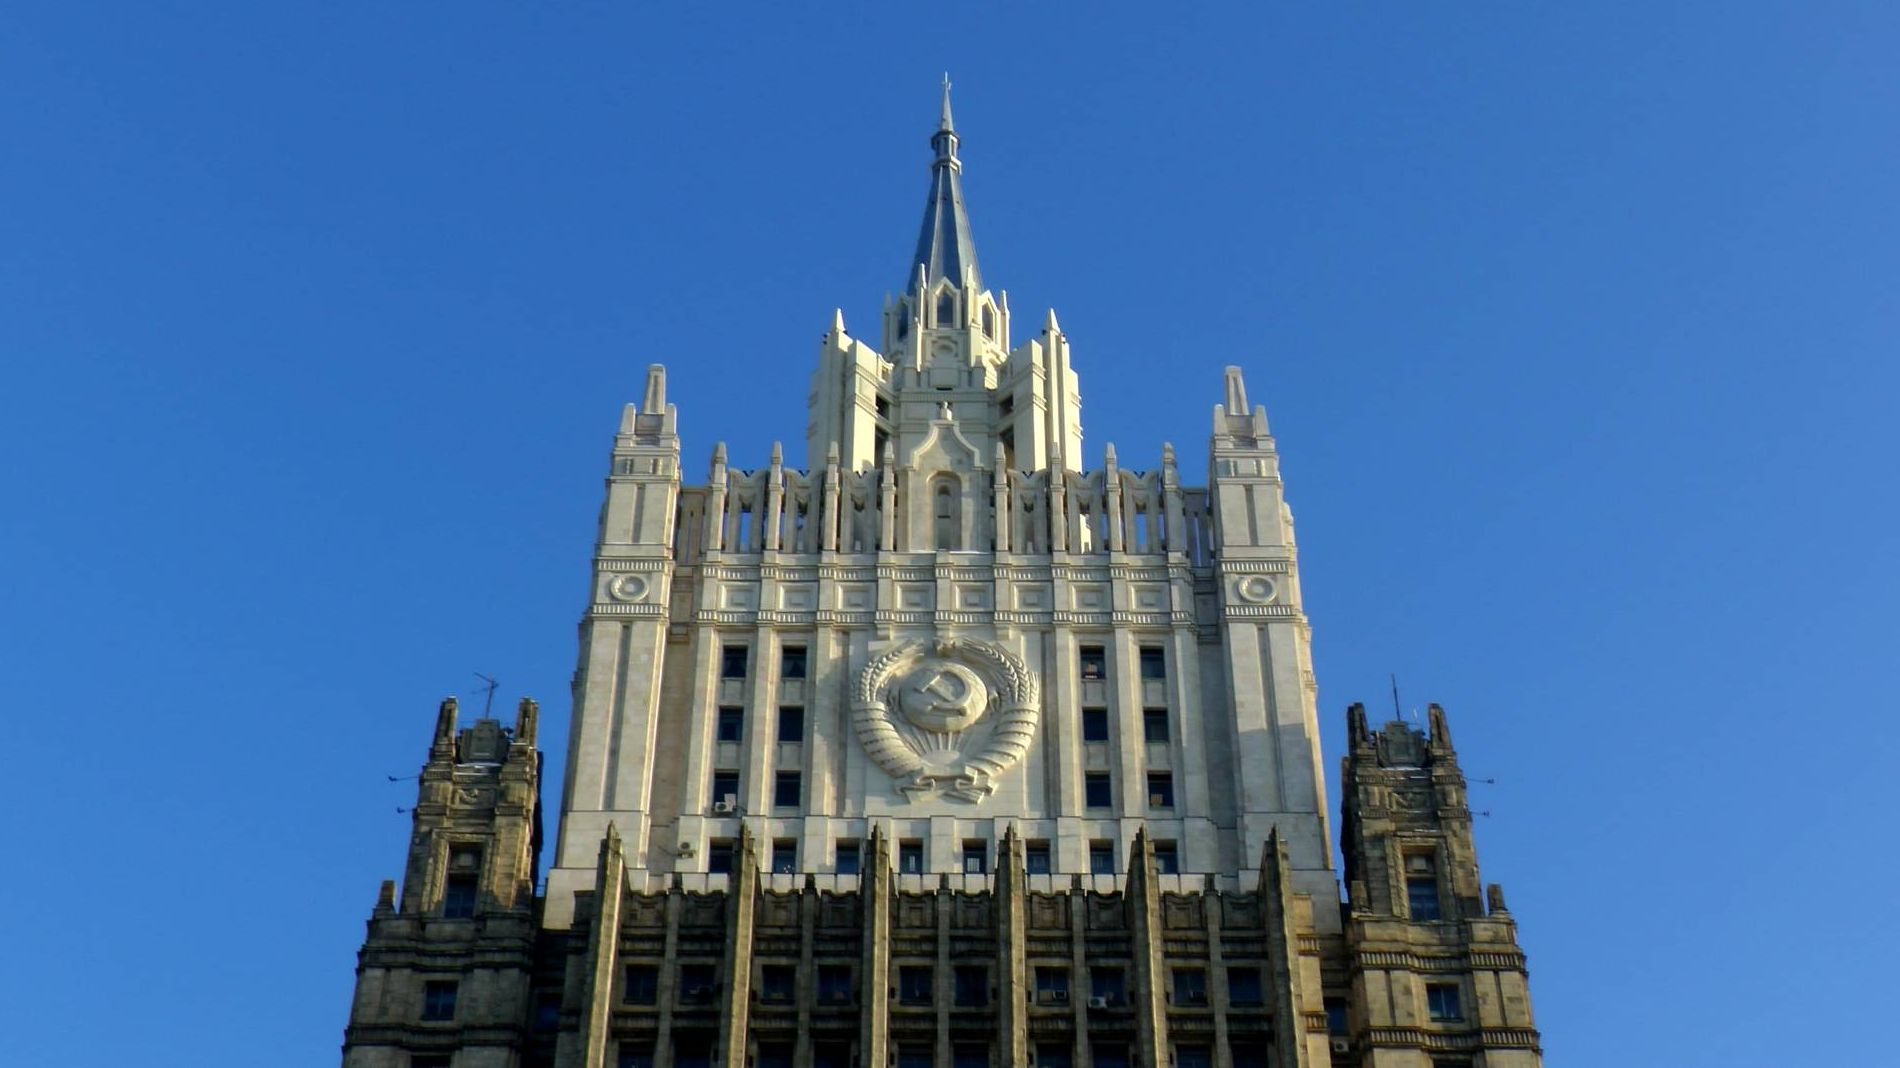 Министерство иностранных дел (МИД РФ)